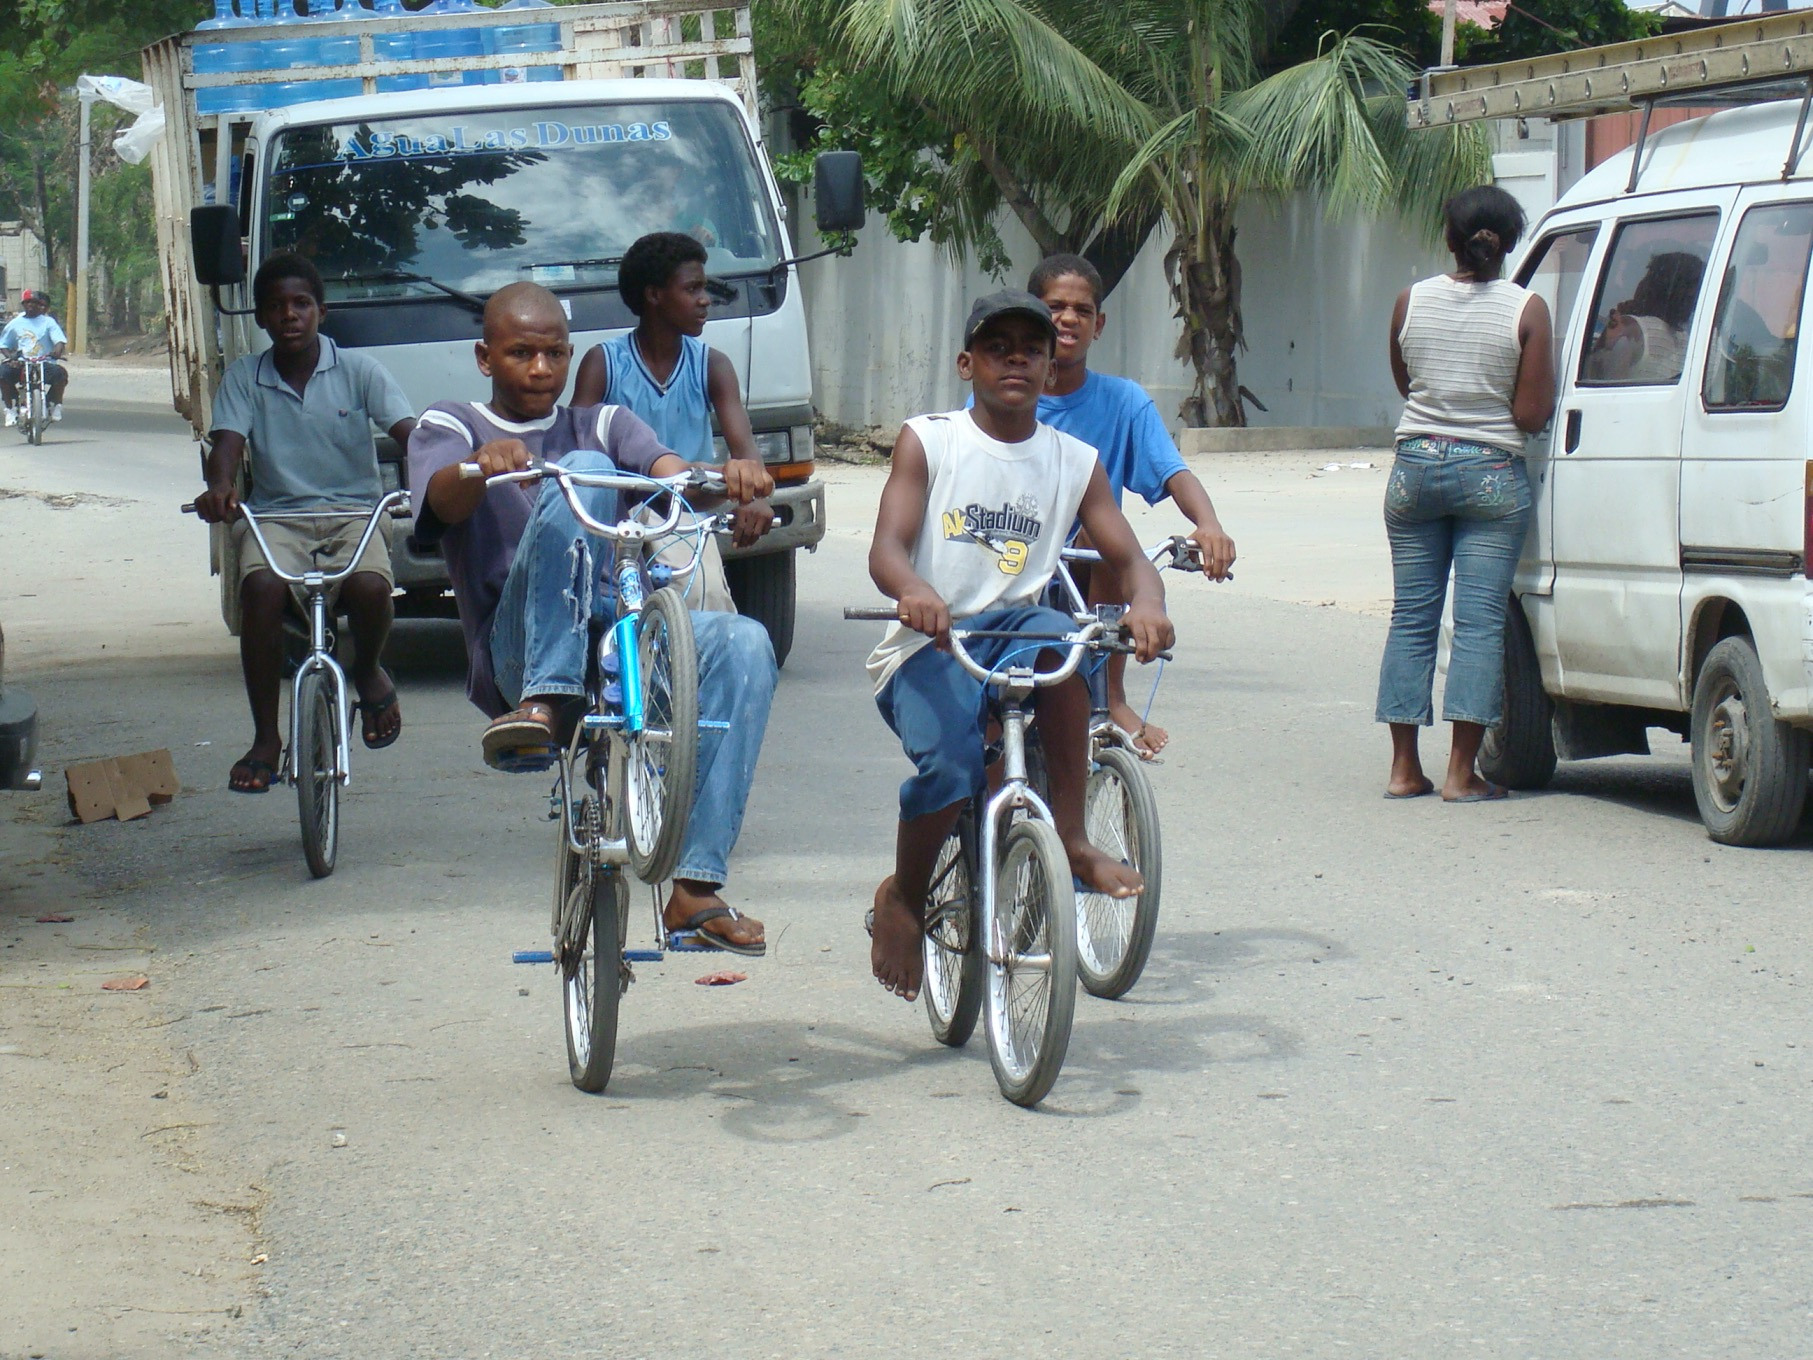 República Dominicana - Bajos de Haina Eduardo Bustillo Holgado